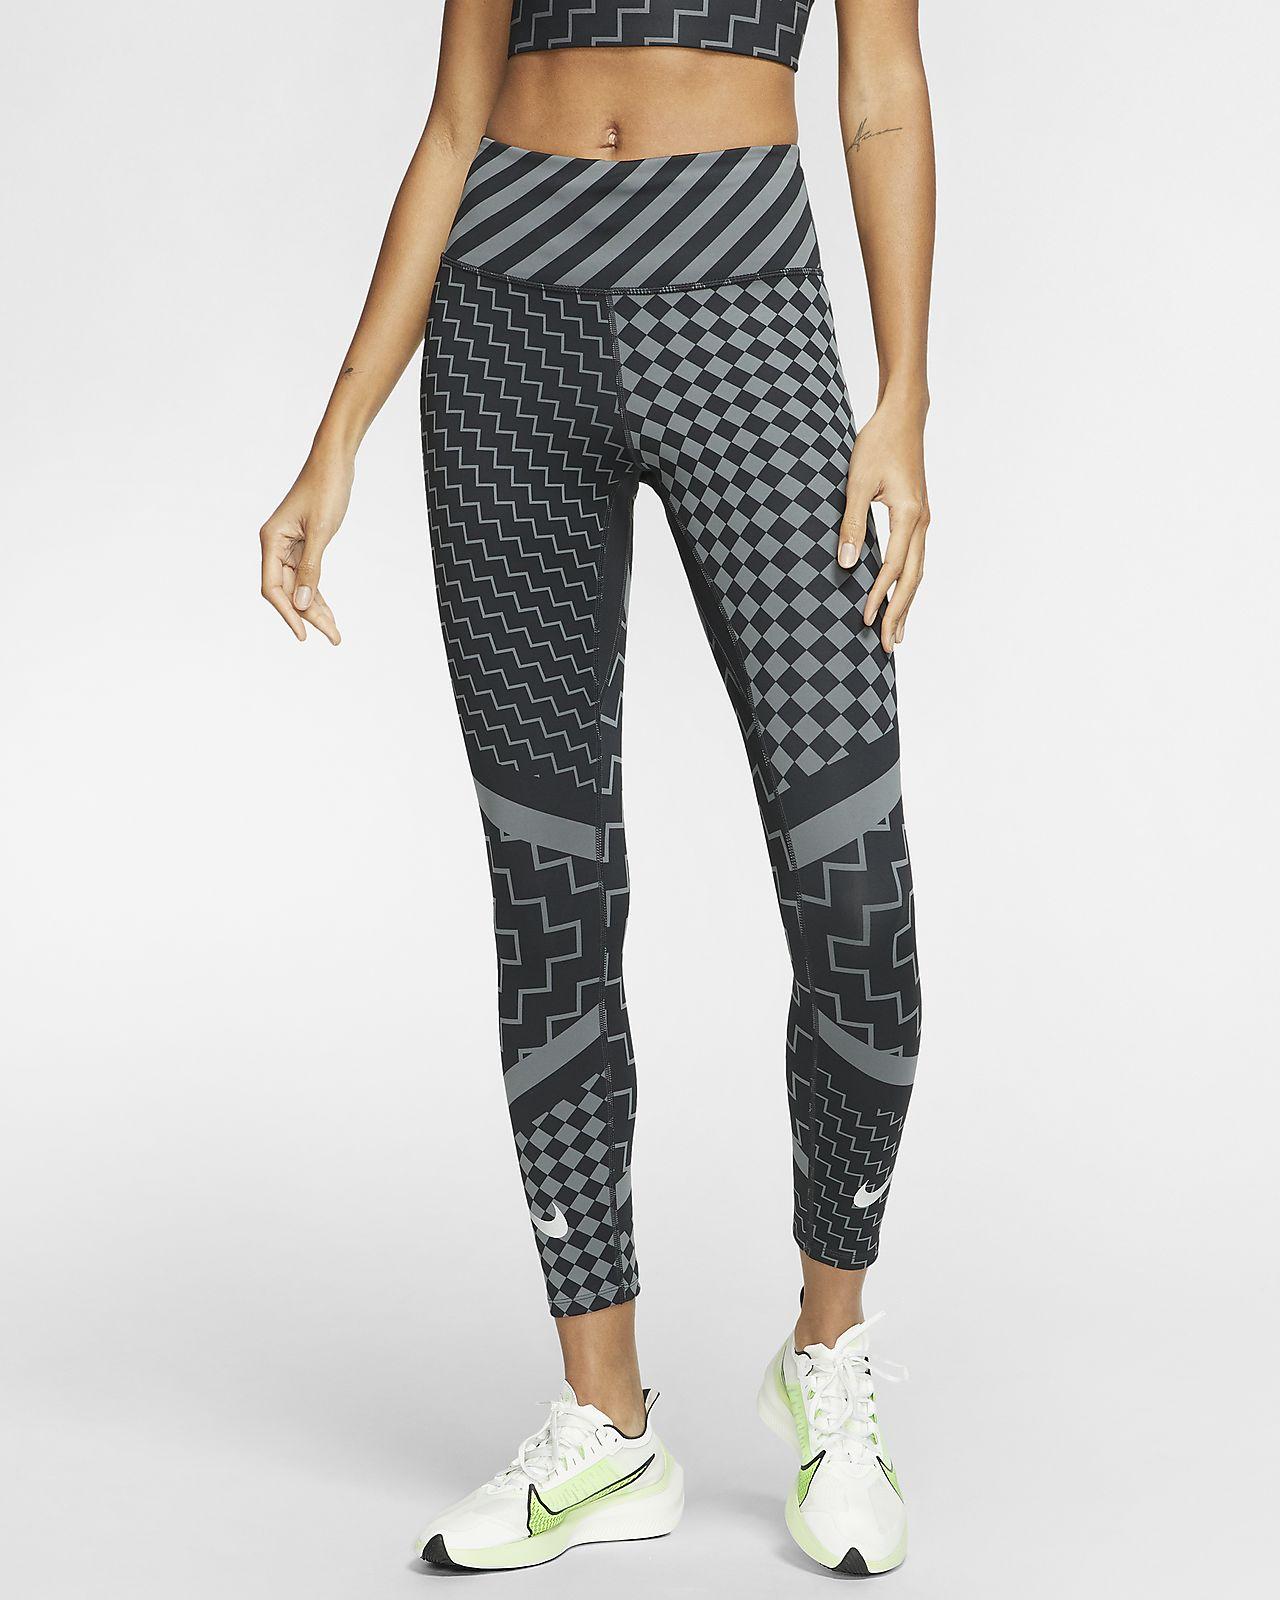 Löpartights Nike Epic Lux för kvinnor